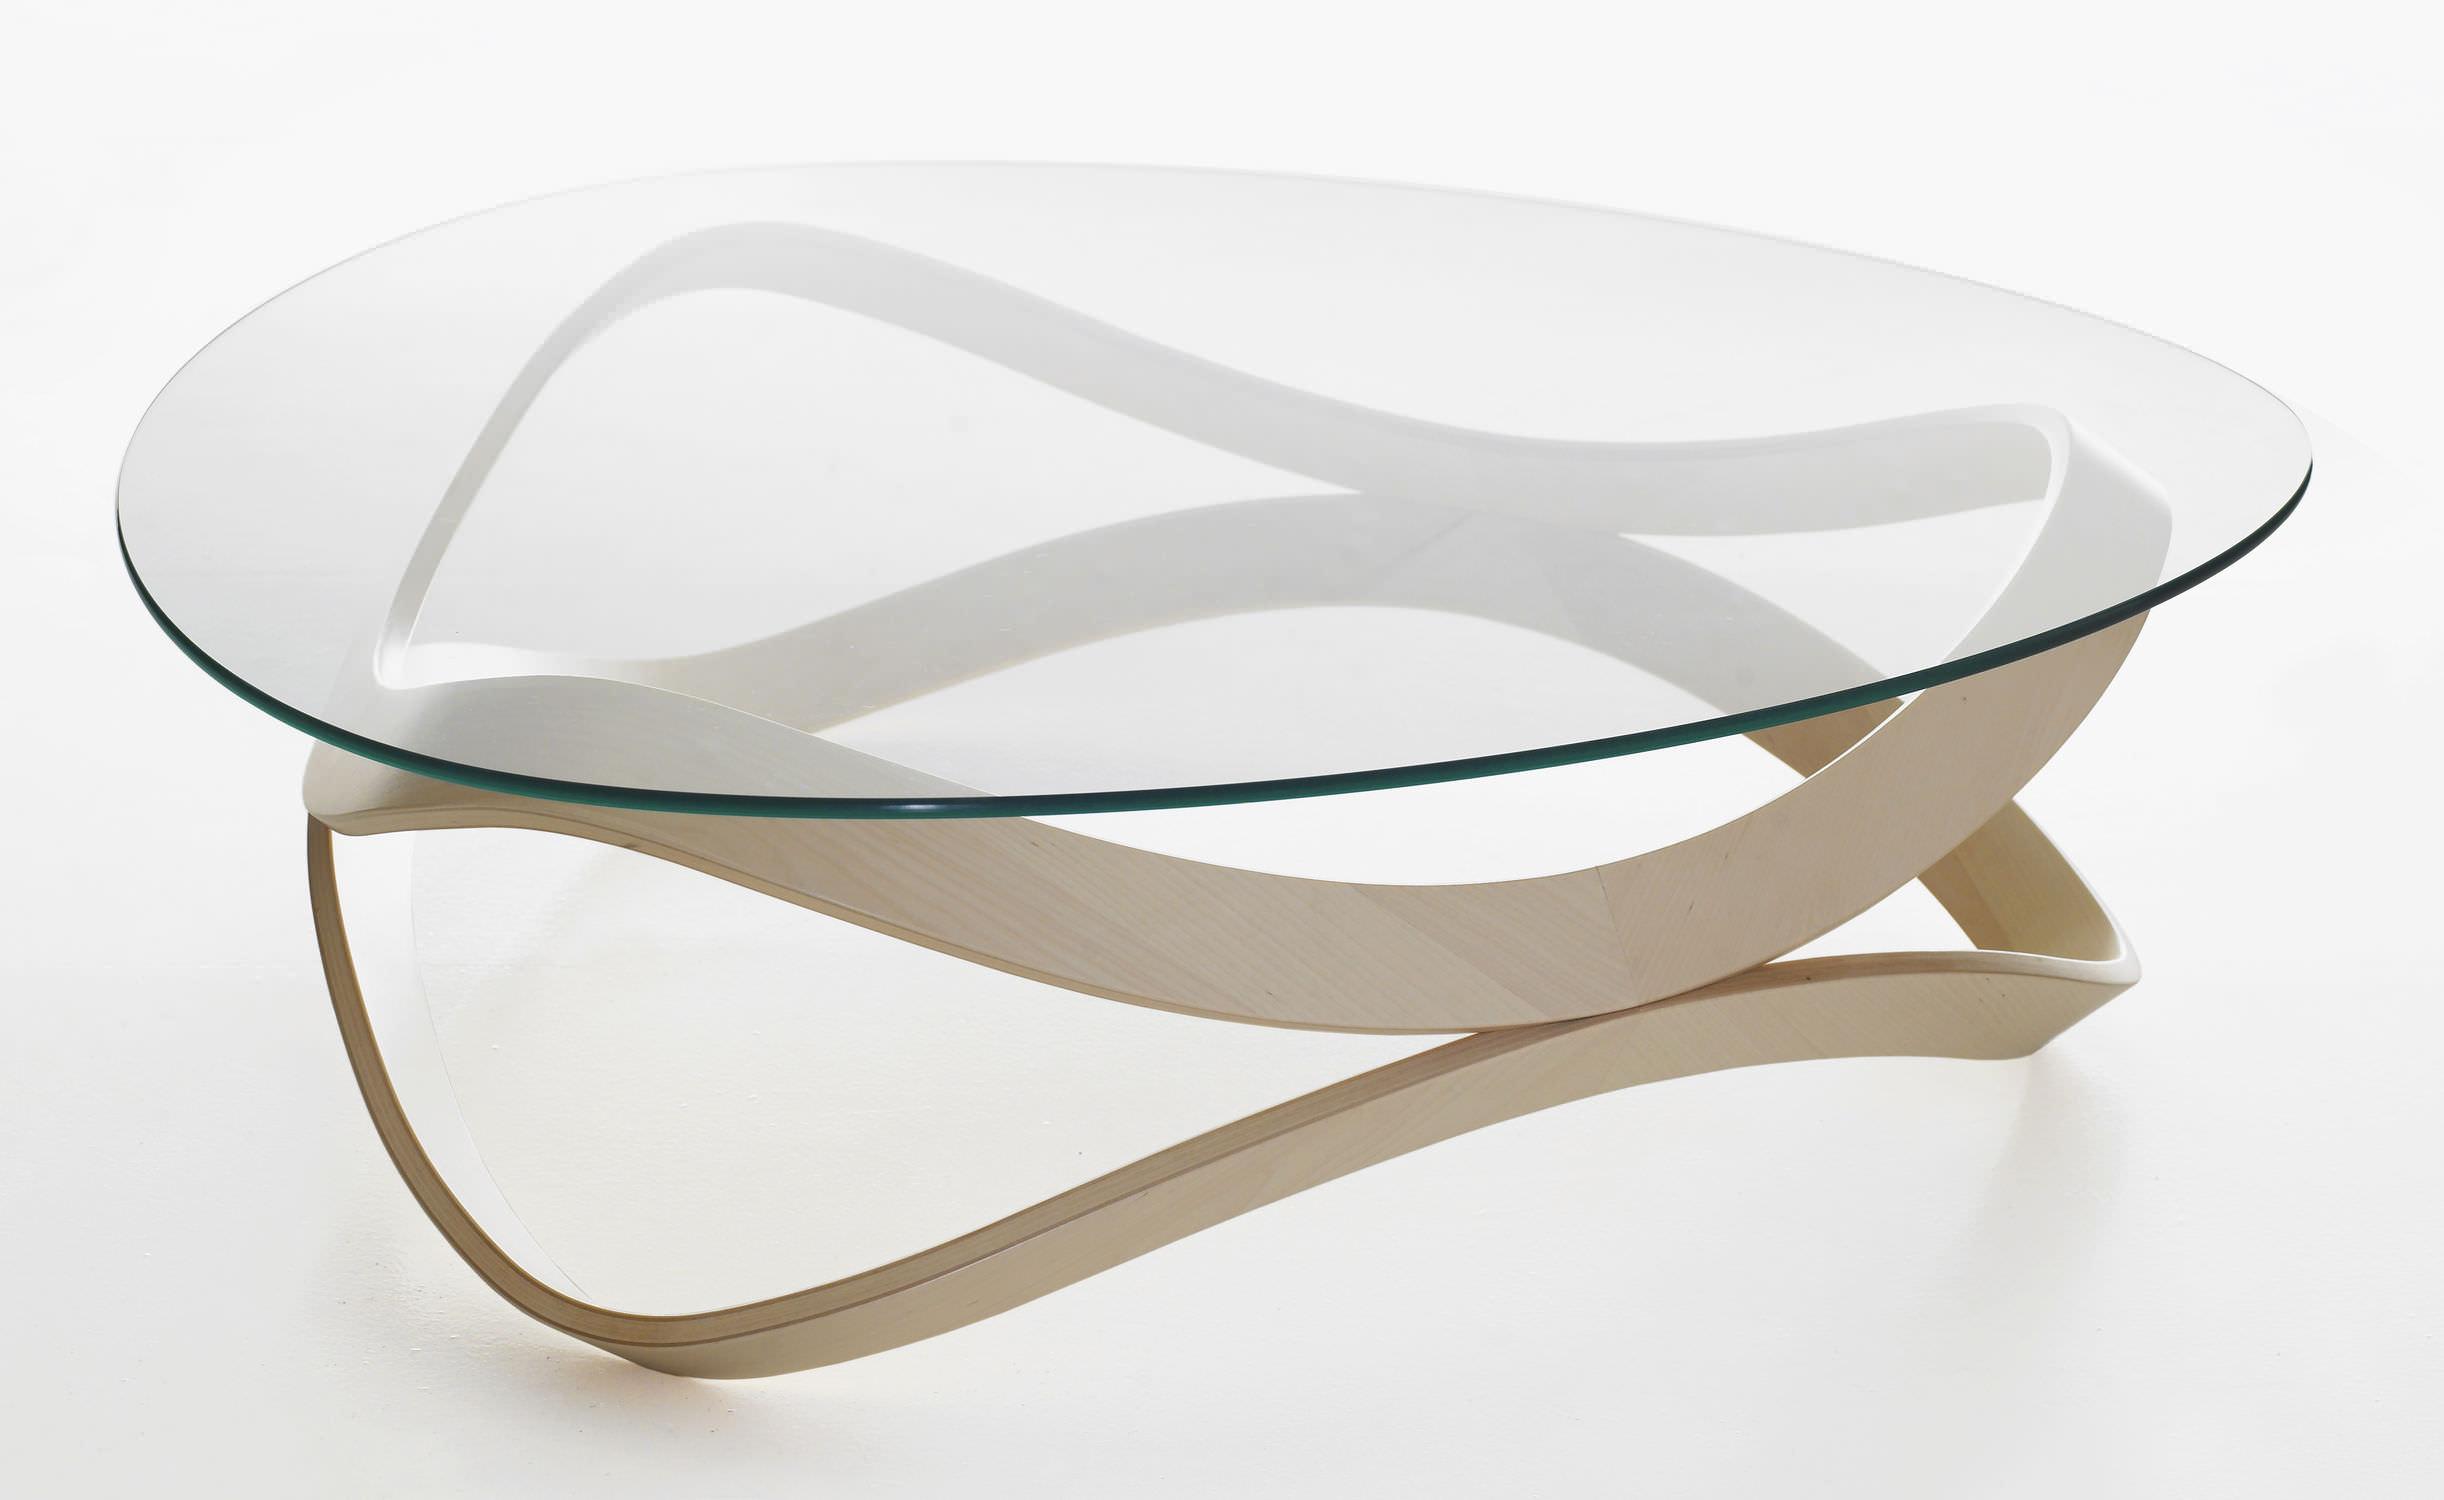 Wohnzimmertisch Modern Couchtisch Glas Aus Eiche